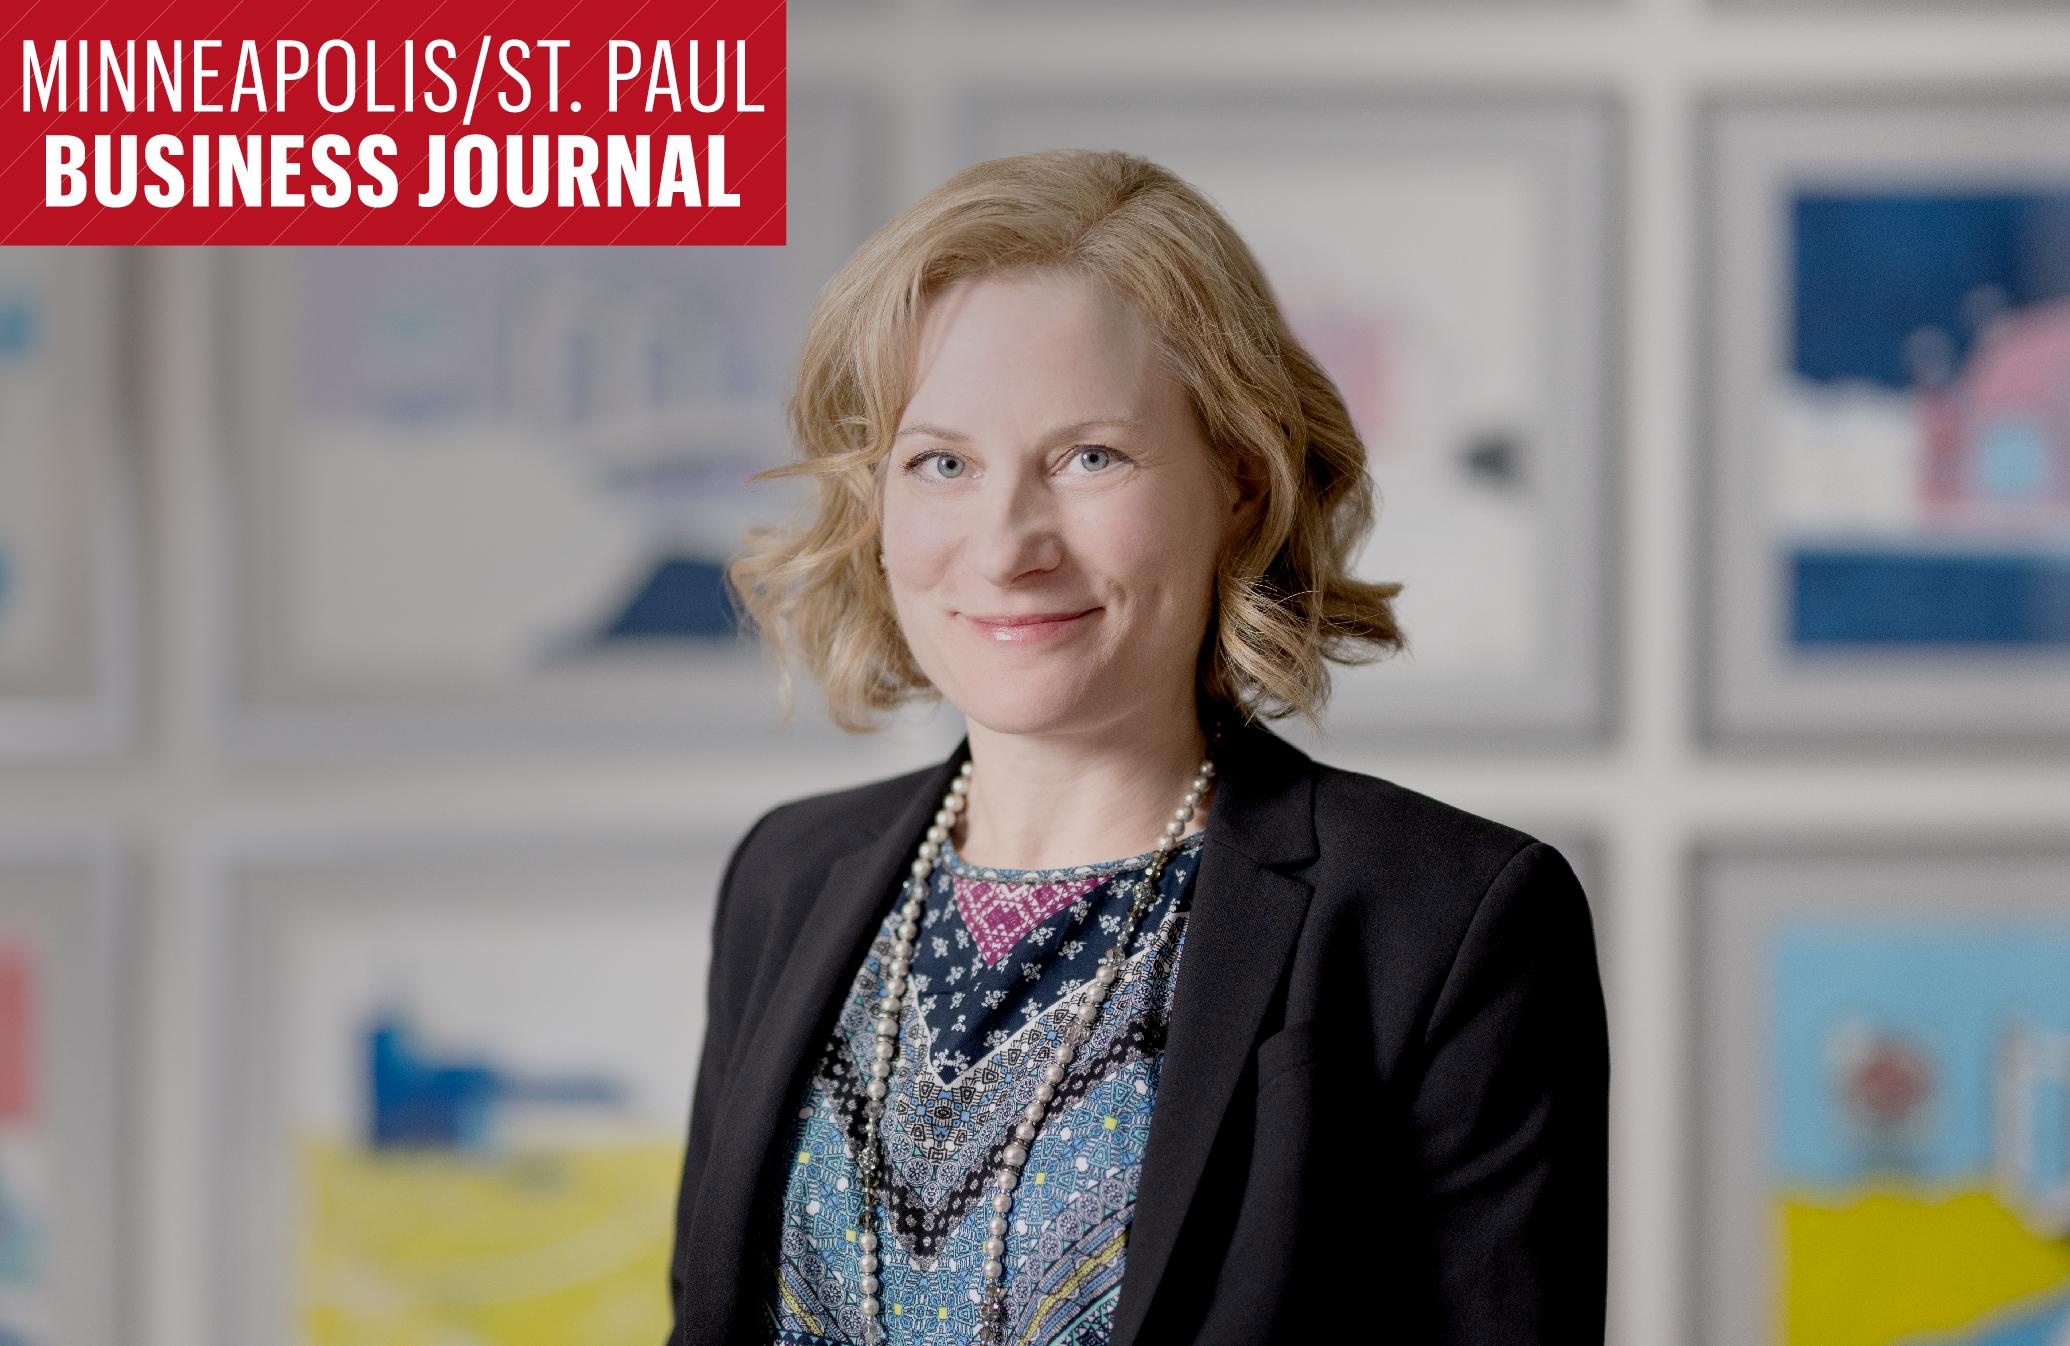 Kristy Krueger Named a 2021 MSBJ Women in Business Honoree